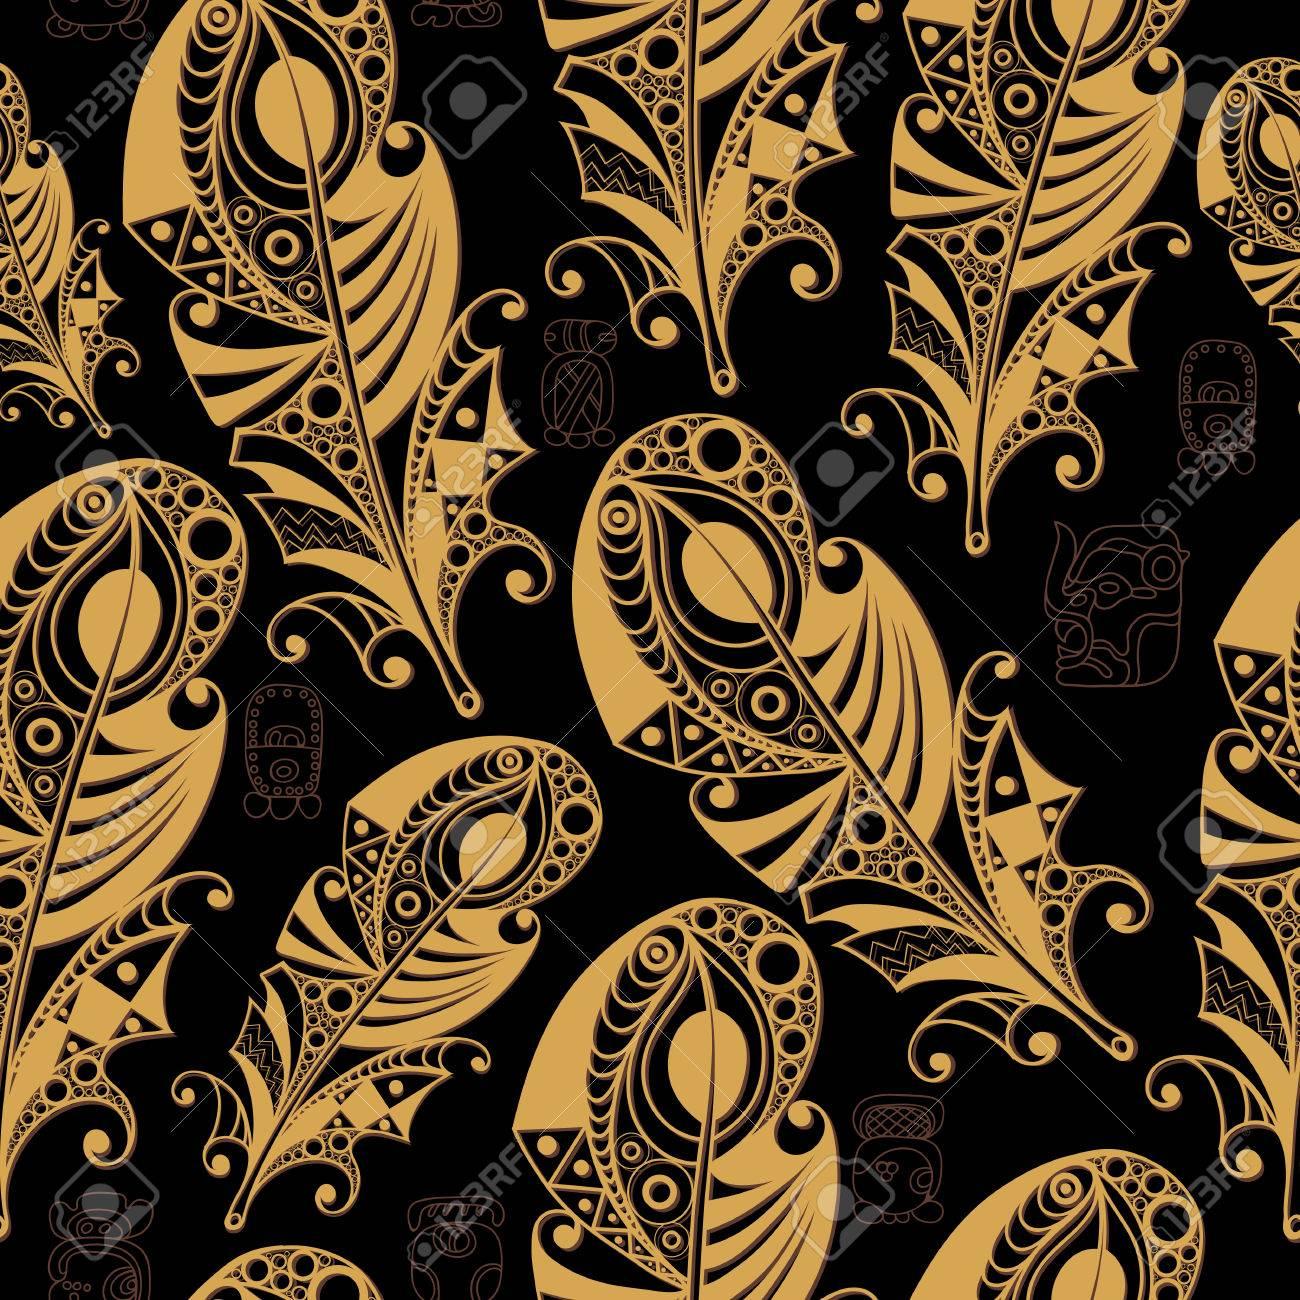 Seamless Maya Art Boho Pattern With Feathers Ethnic Print Aztec 1300x1300